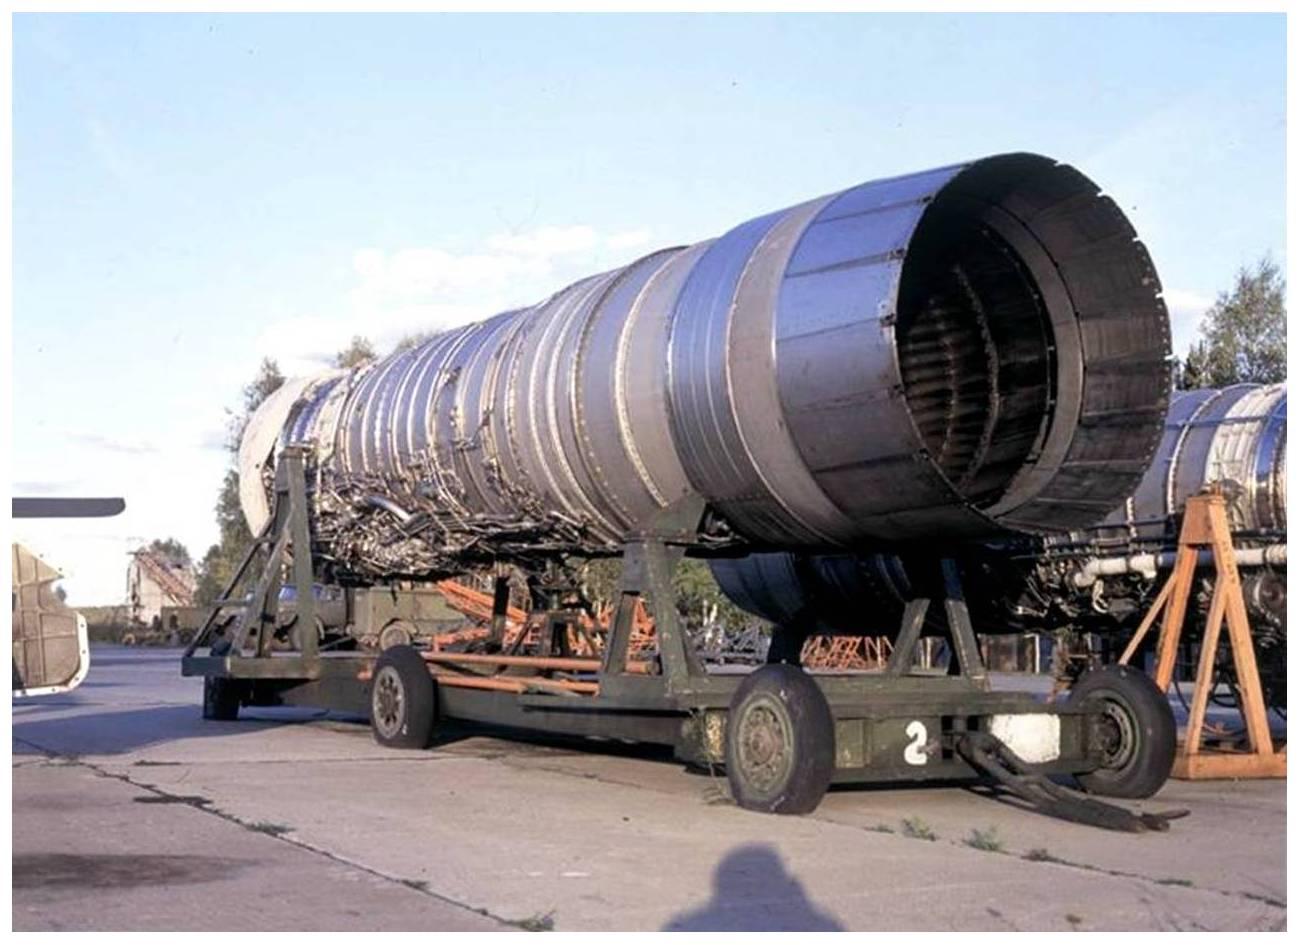 Первые двигатели НК-32 для бомбардировщика Ту-160 будут выпущены в 2016 году